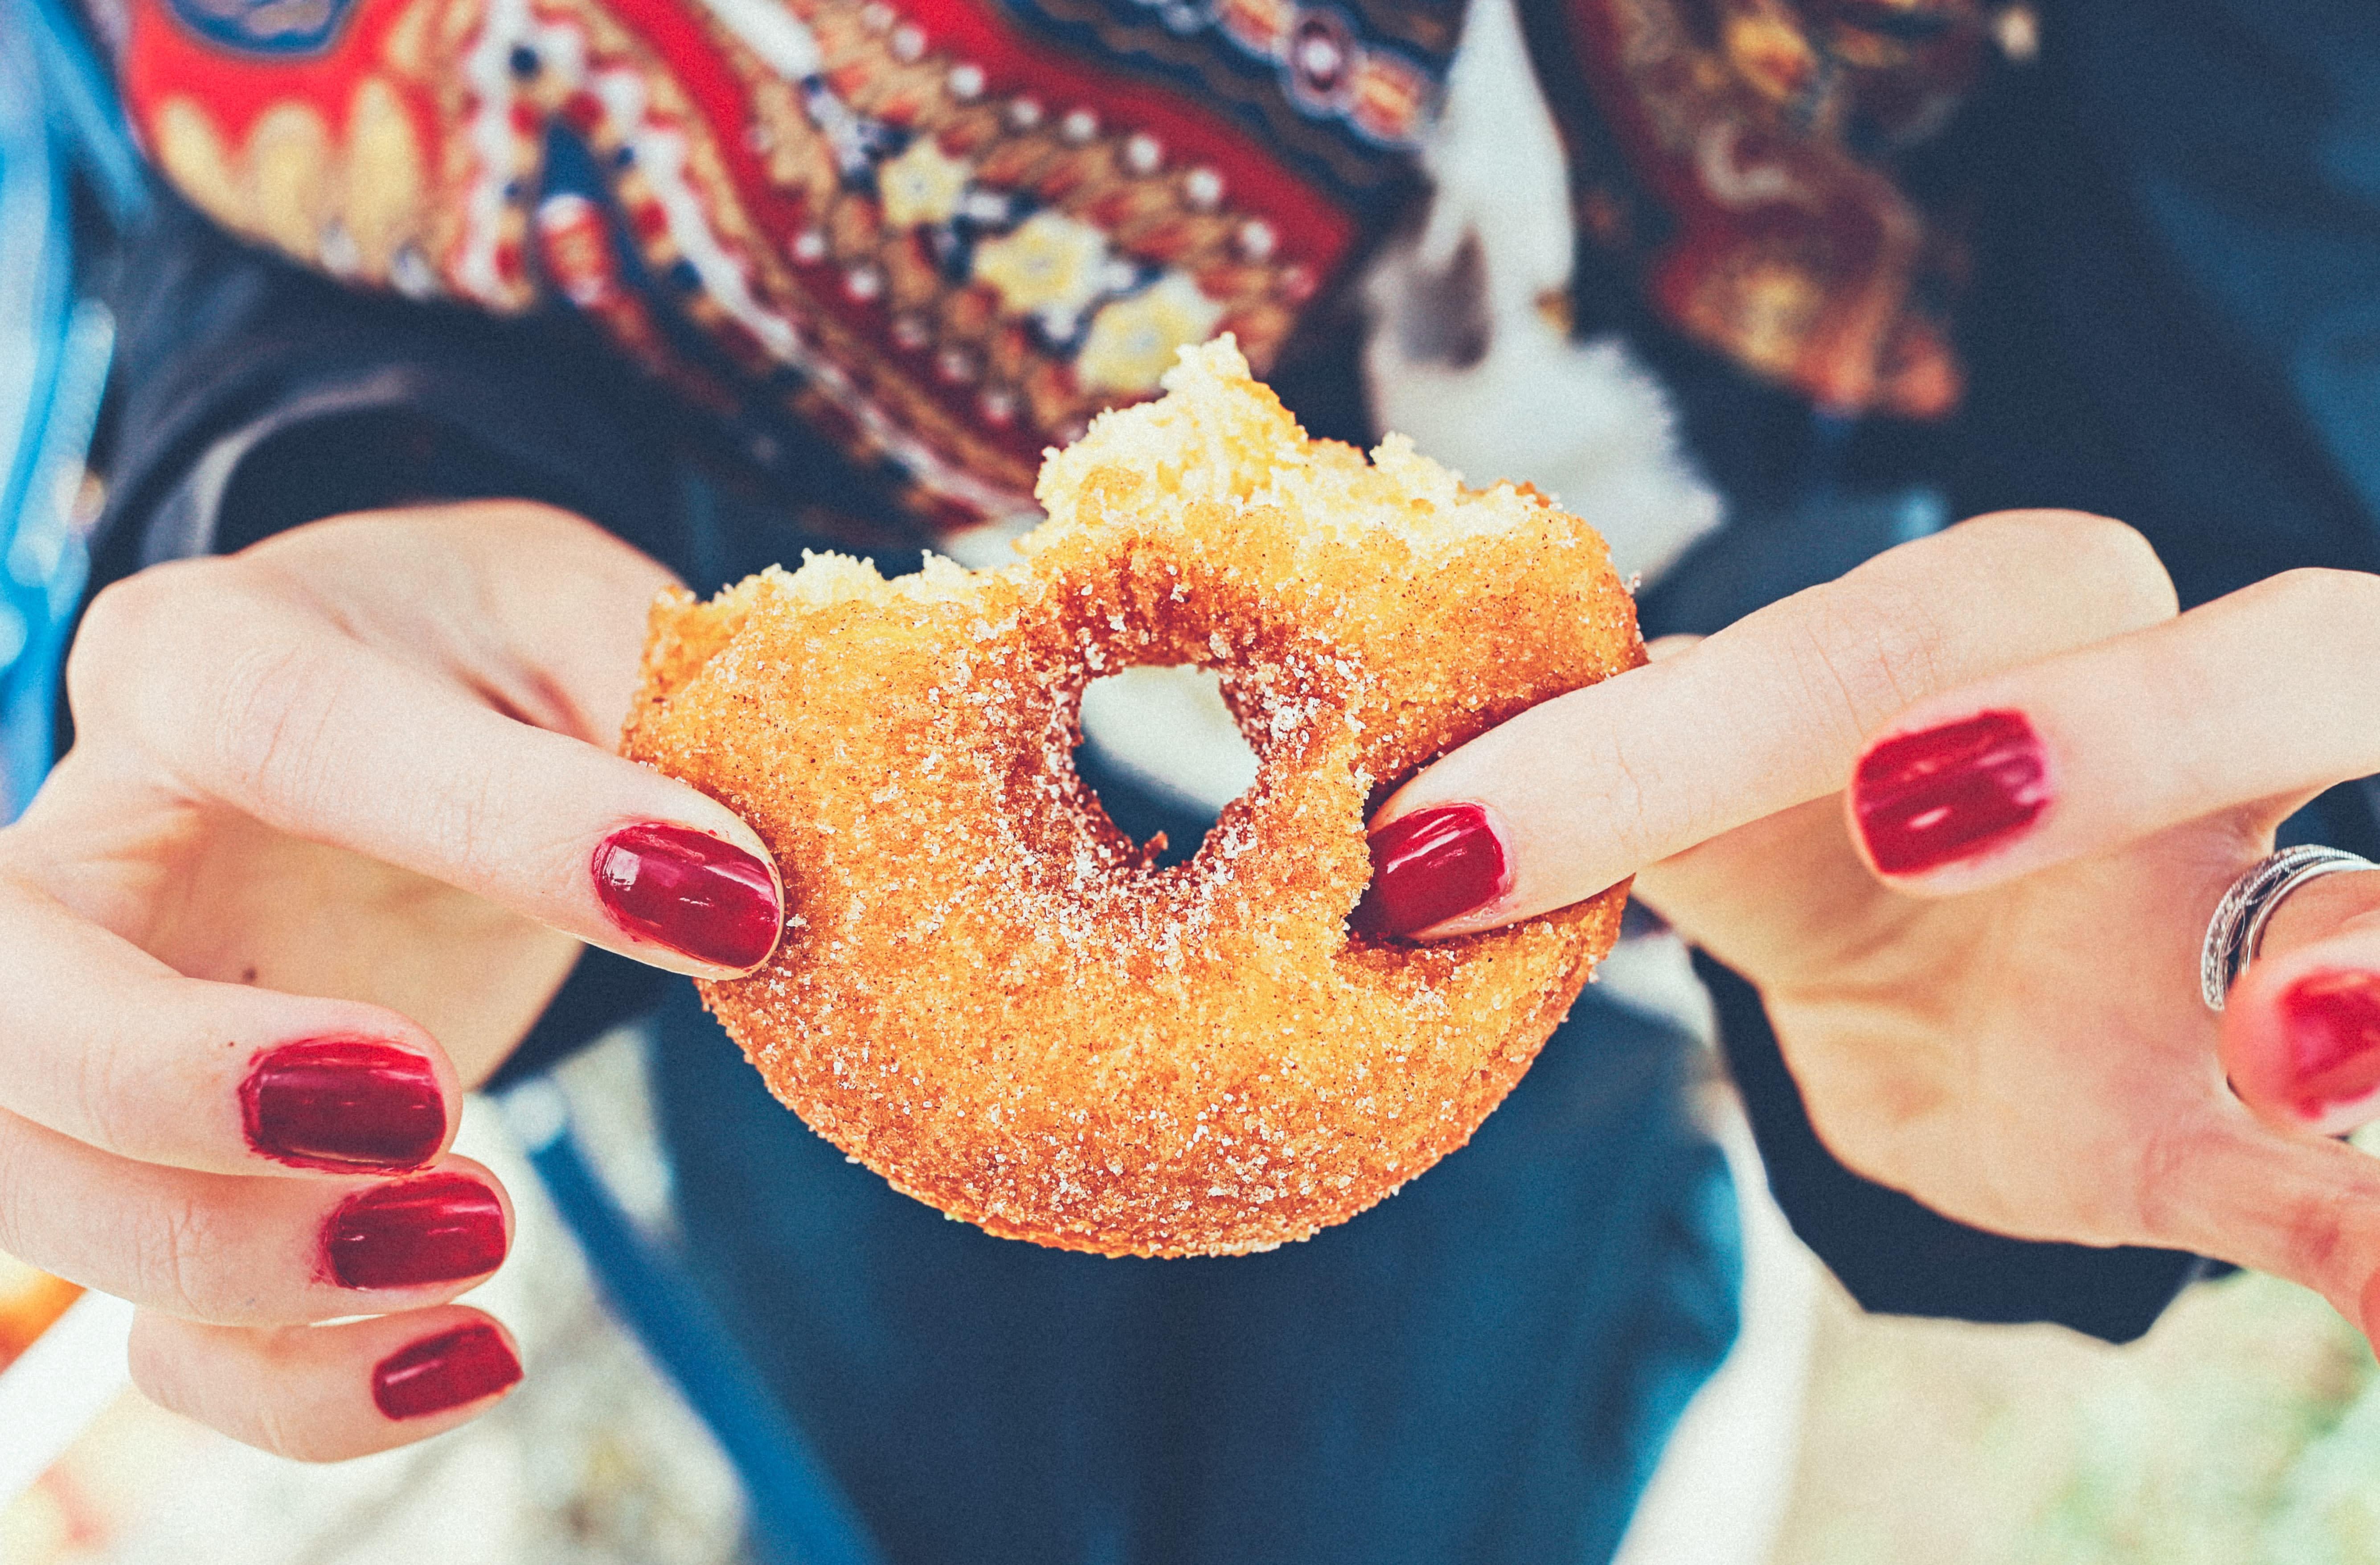 mãos femininas segurando um donut comido